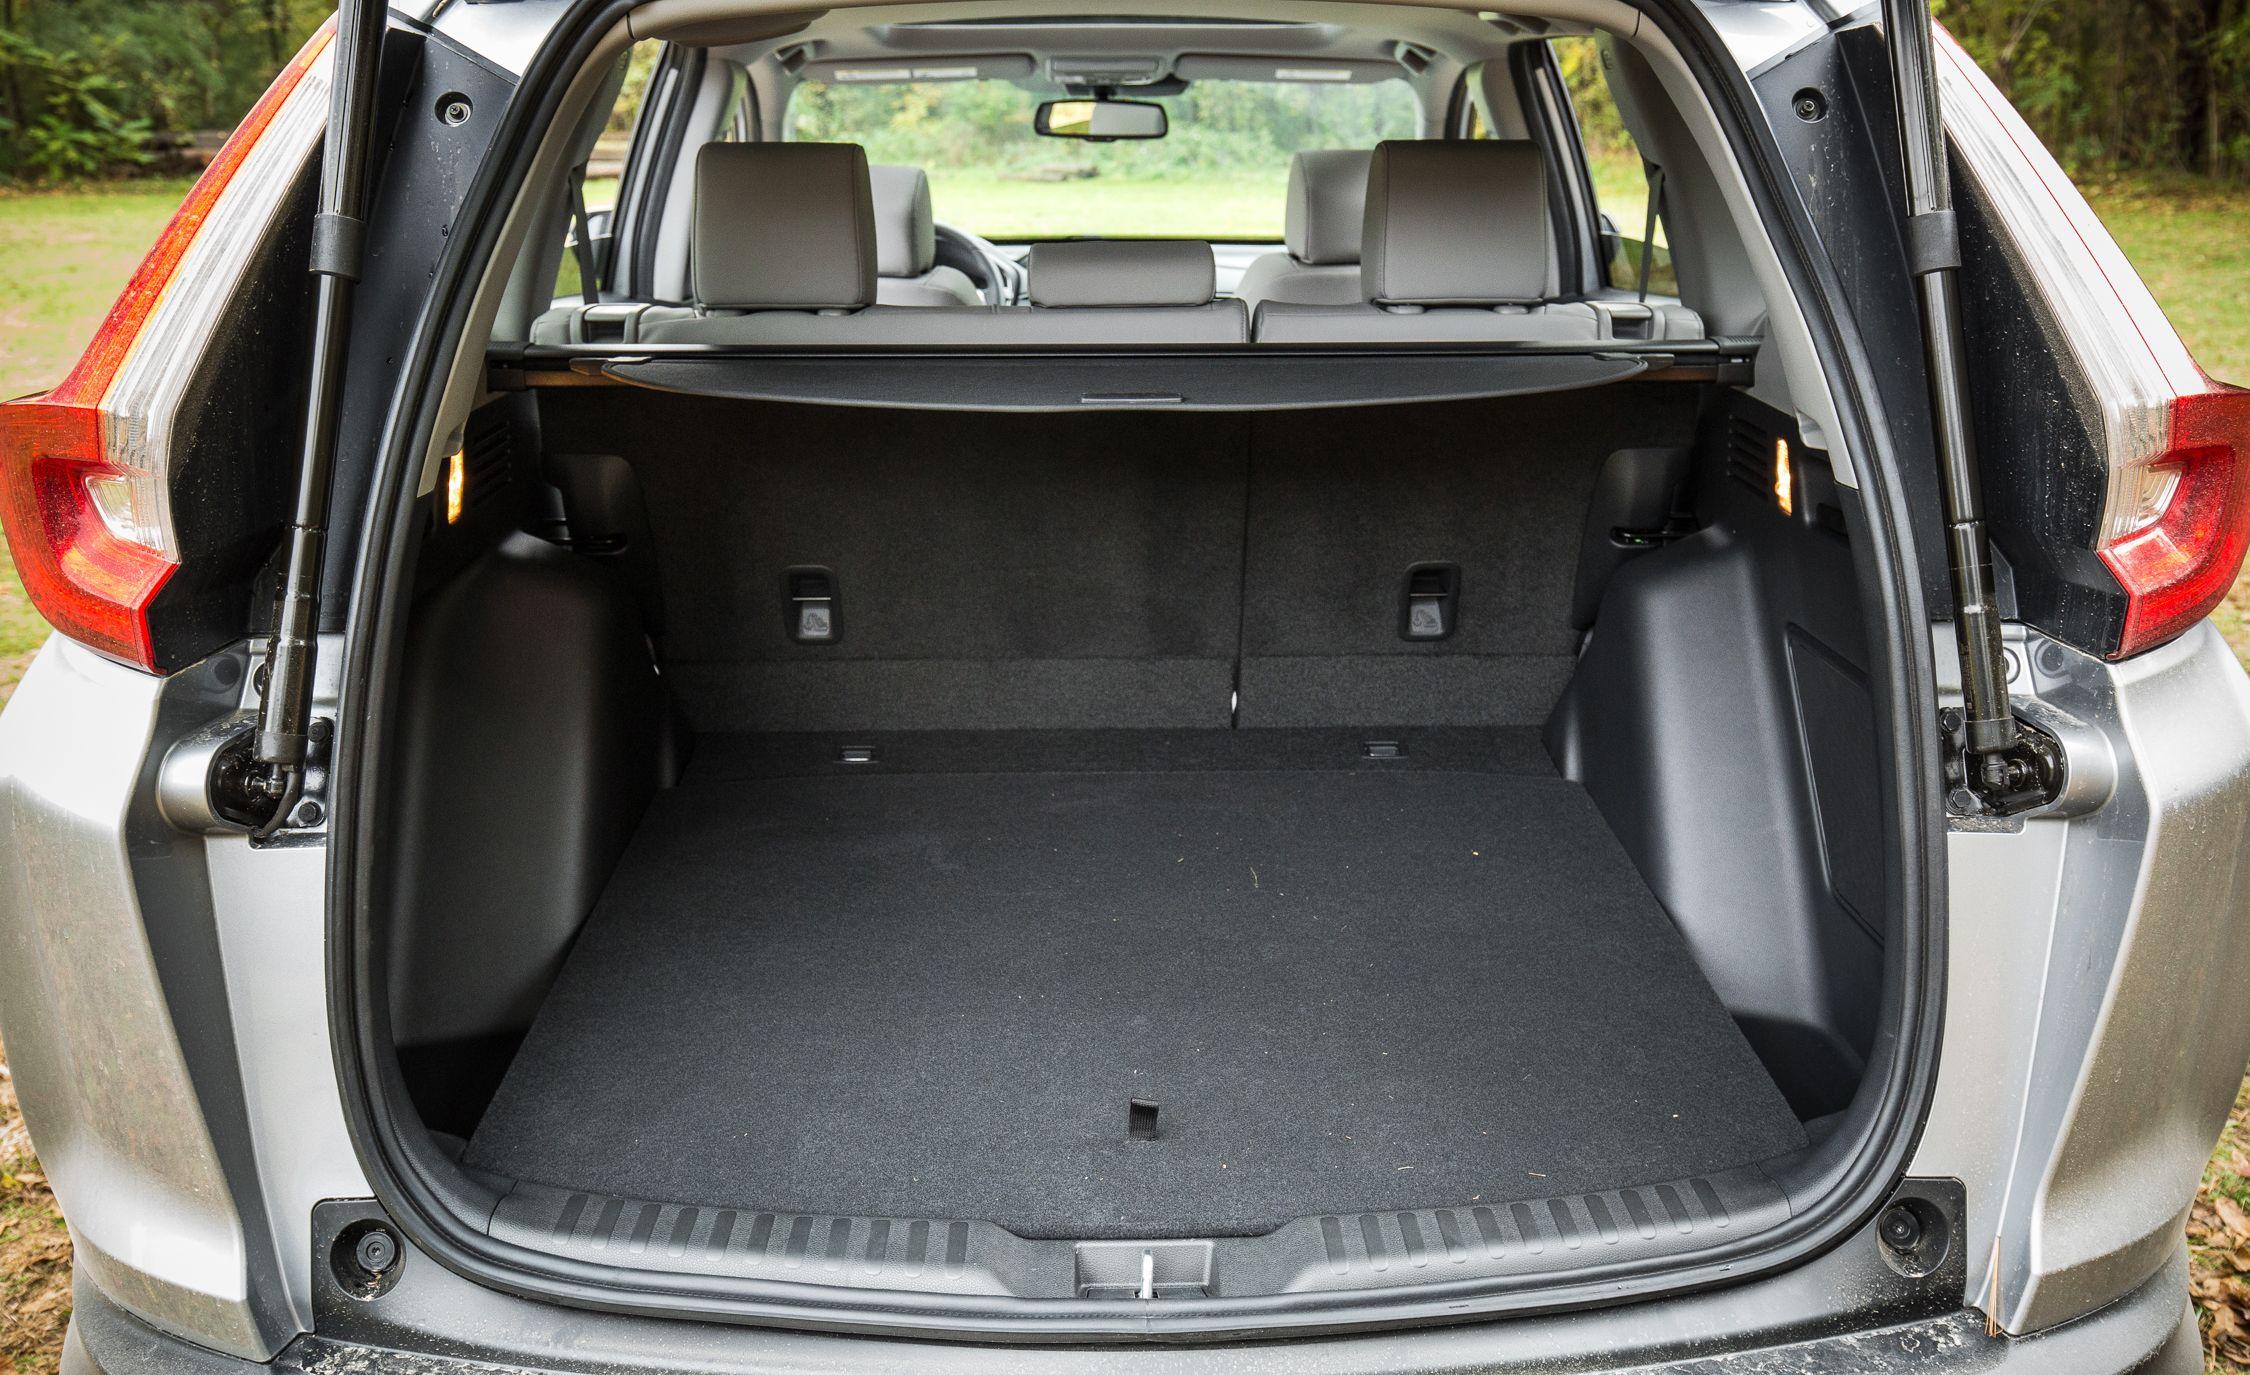 Honda Crv Cargo Space >> 2017 Honda CR-V | Cargo Space and Storage Review | Car and ...